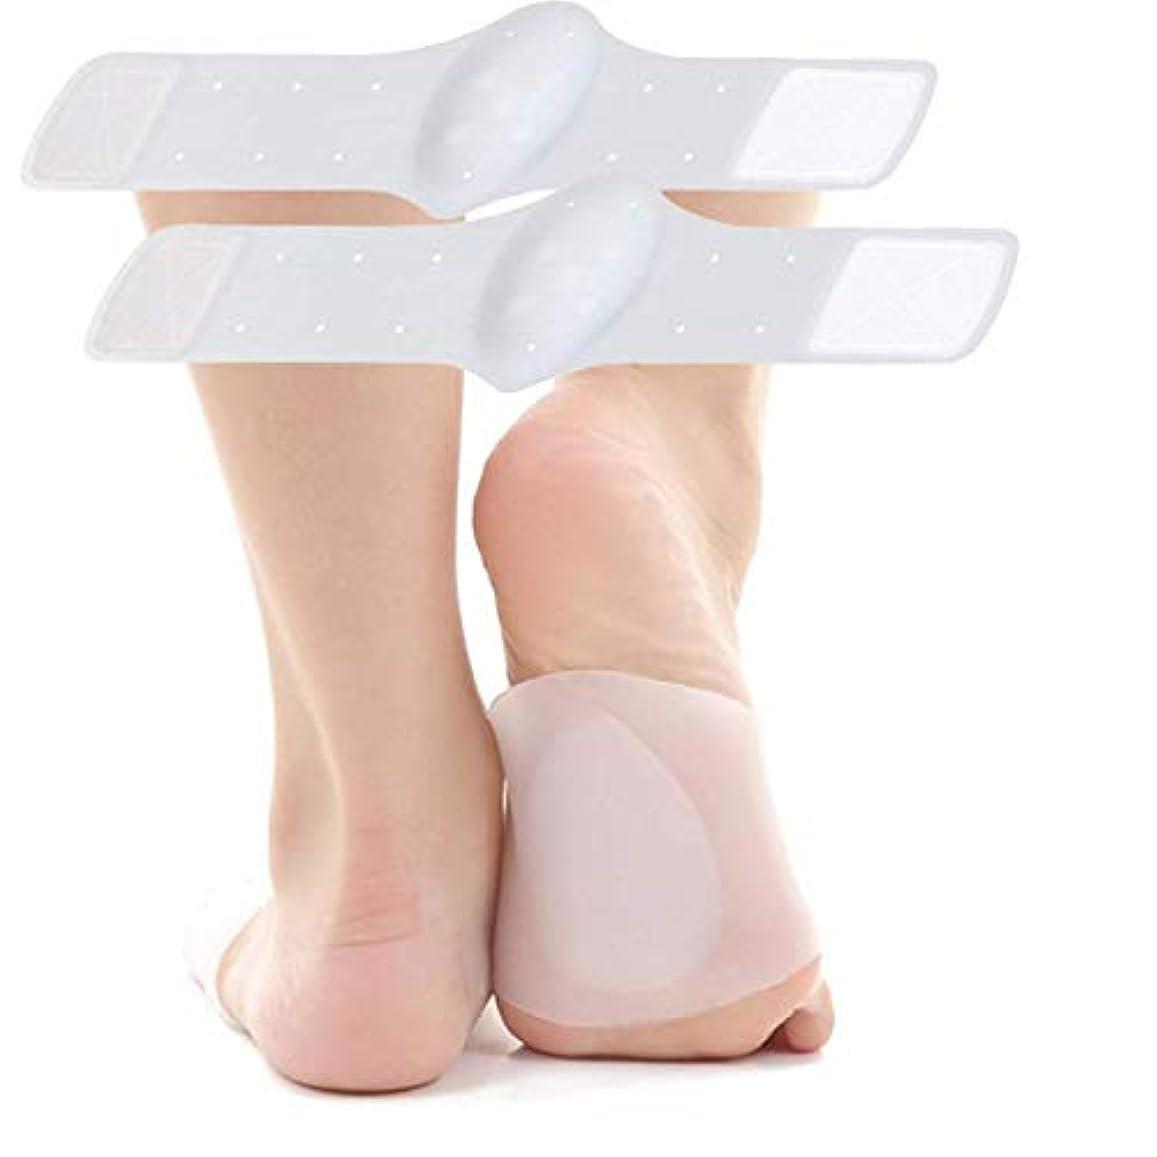 疑い等々プロフィール扁平足 サポーター アーチサポーター 足底筋膜炎 足の痛み 歩行 立ち仕事 シリコン2個入り